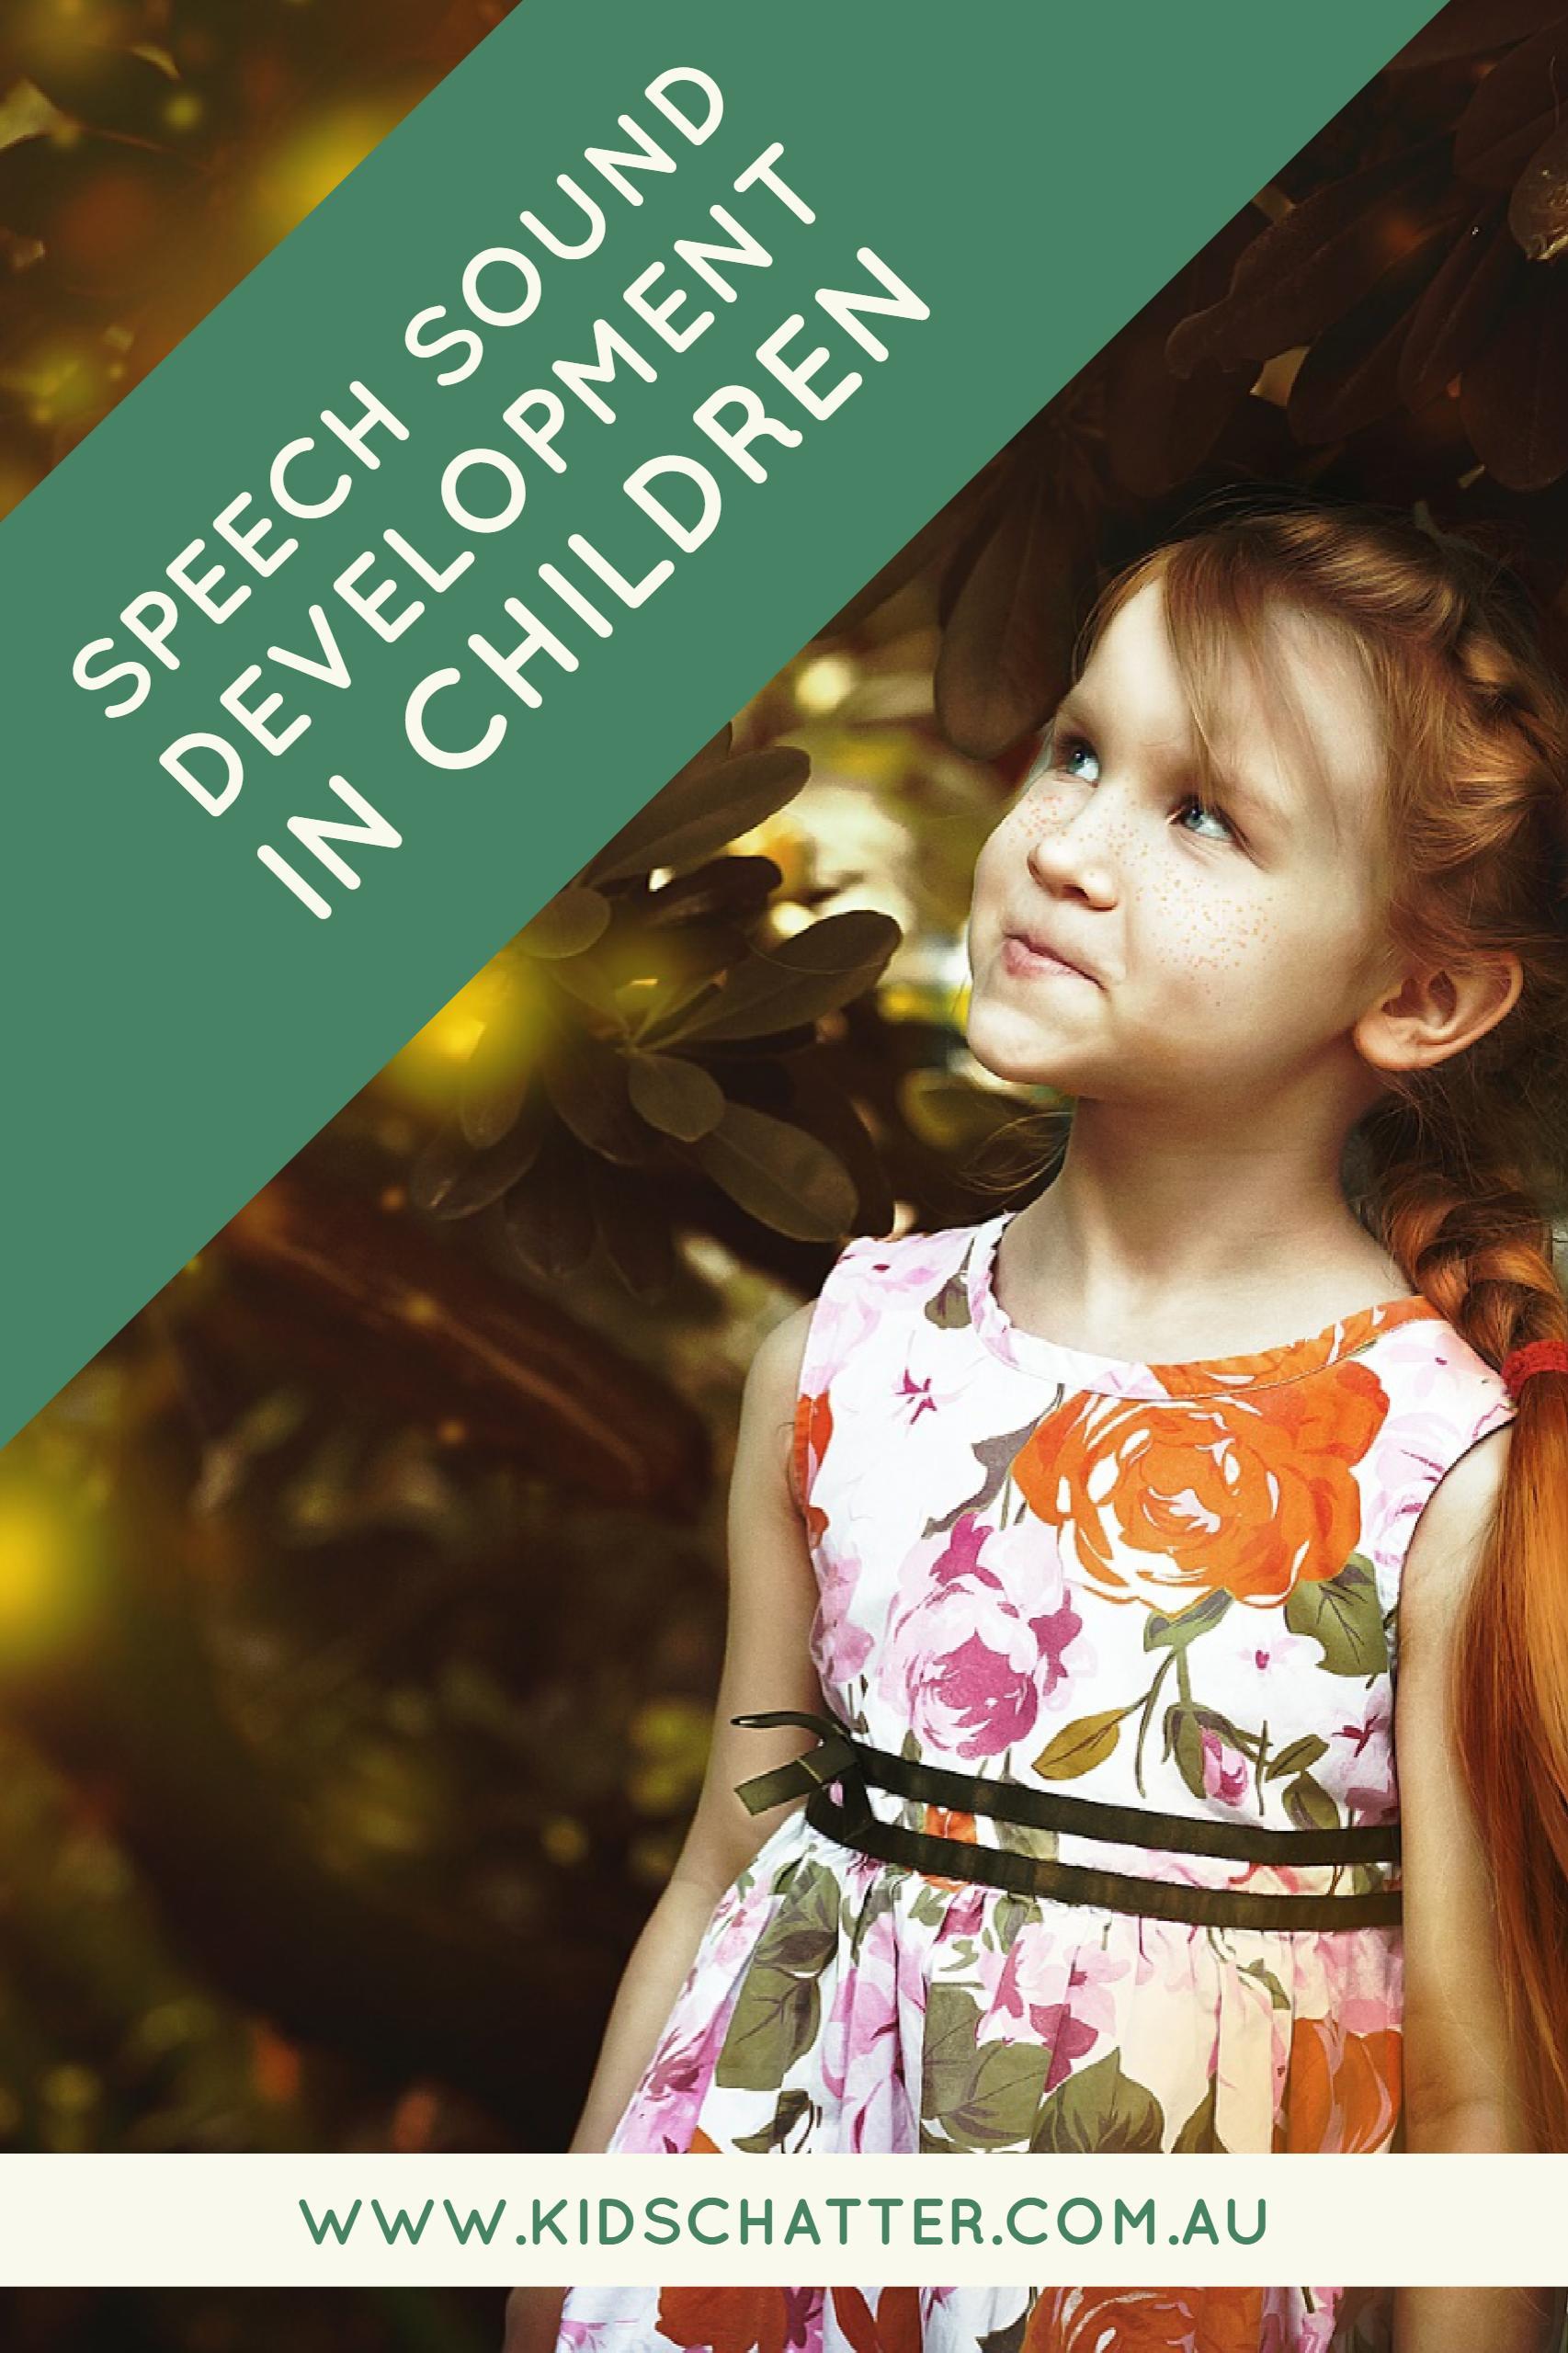 Speech sound development in children